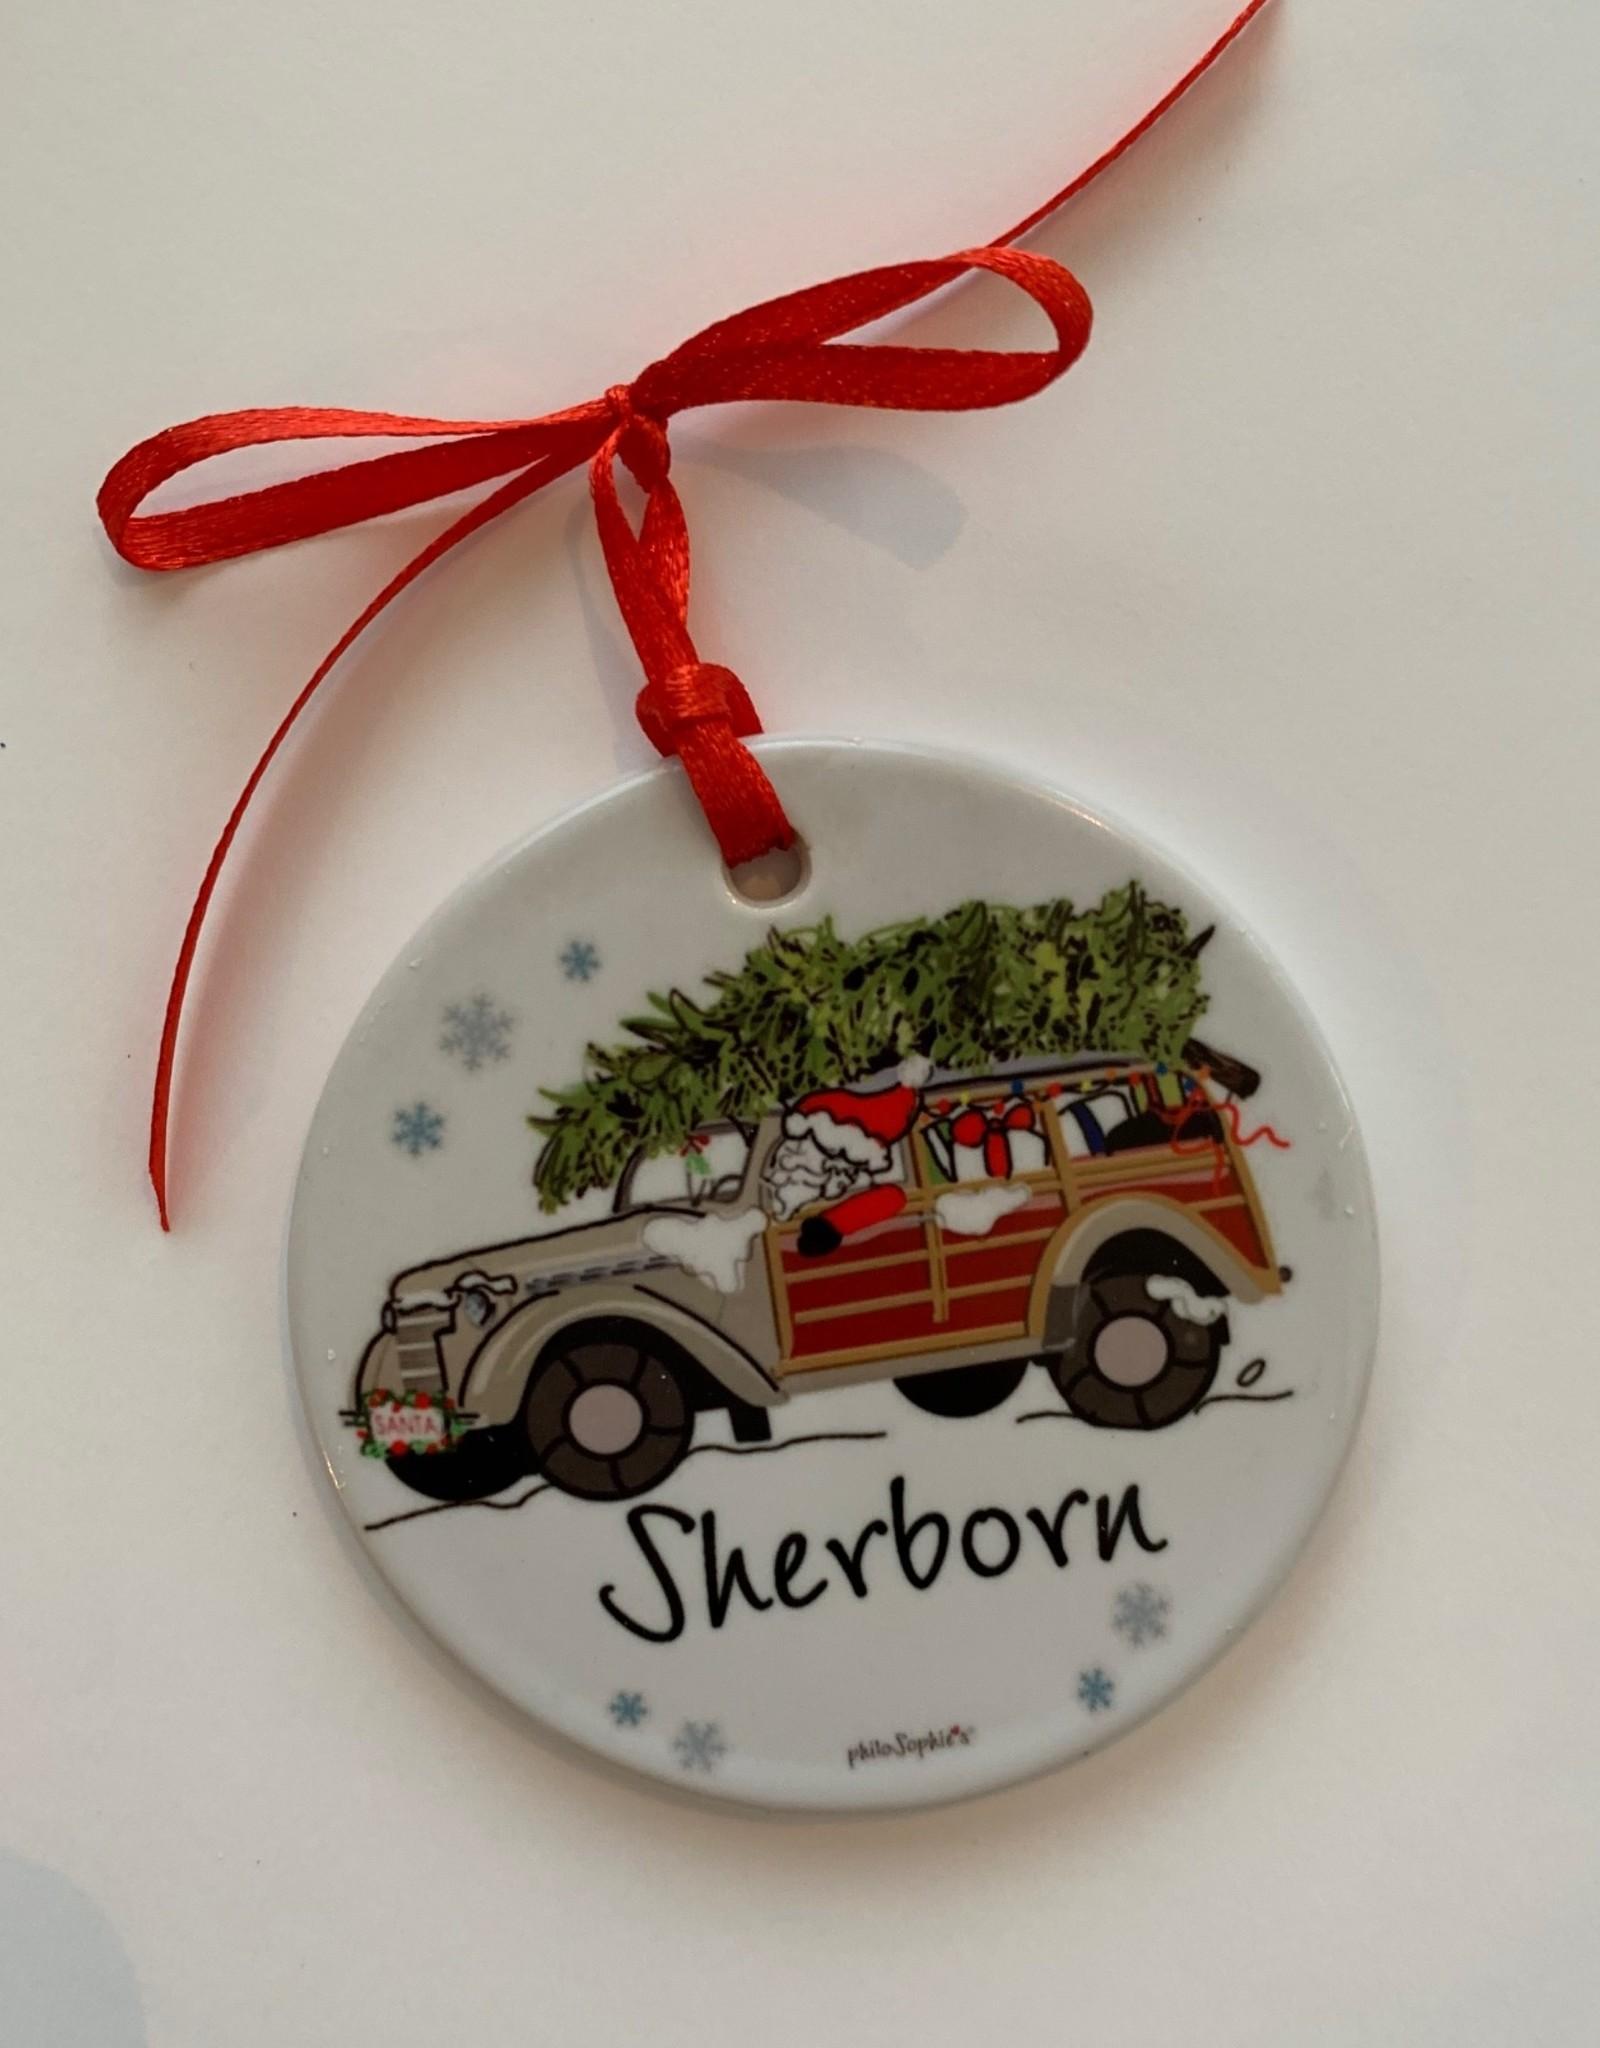 PhiloSophie's - Santa in Woodie Sherborn Ornament